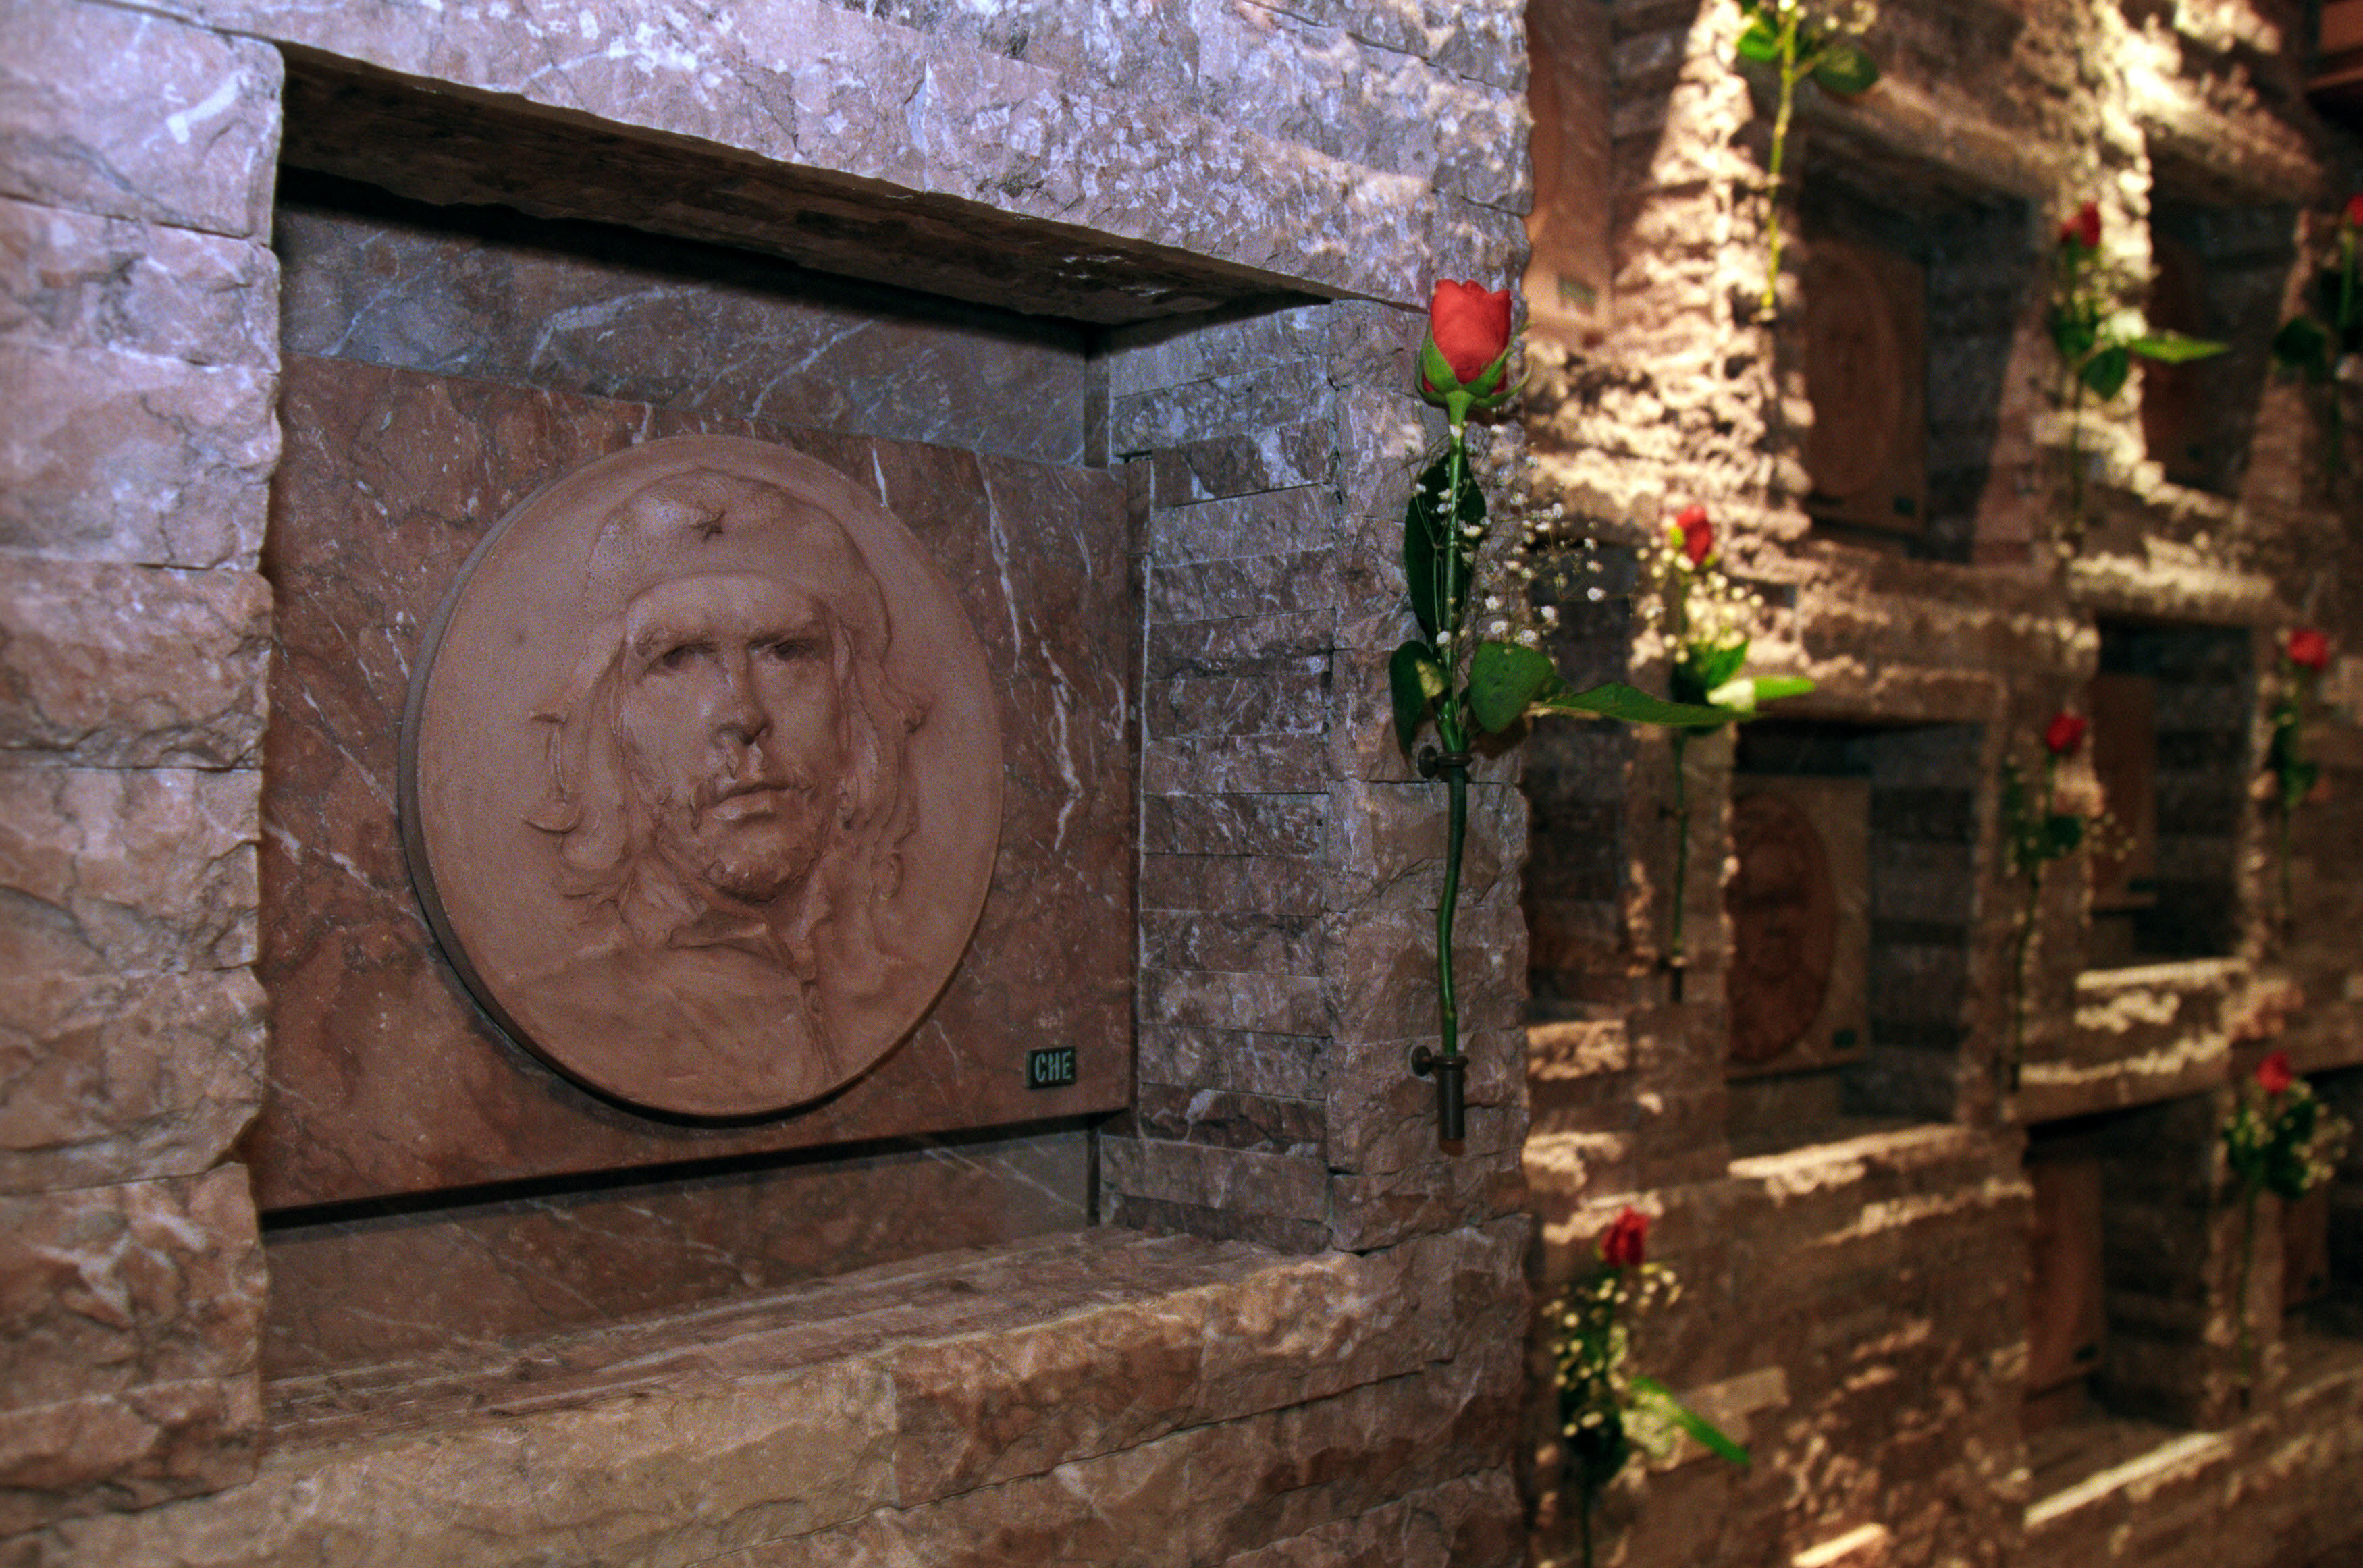 El nicho donde descansan los restos del Che Guevara en Santa Clara, Cuba